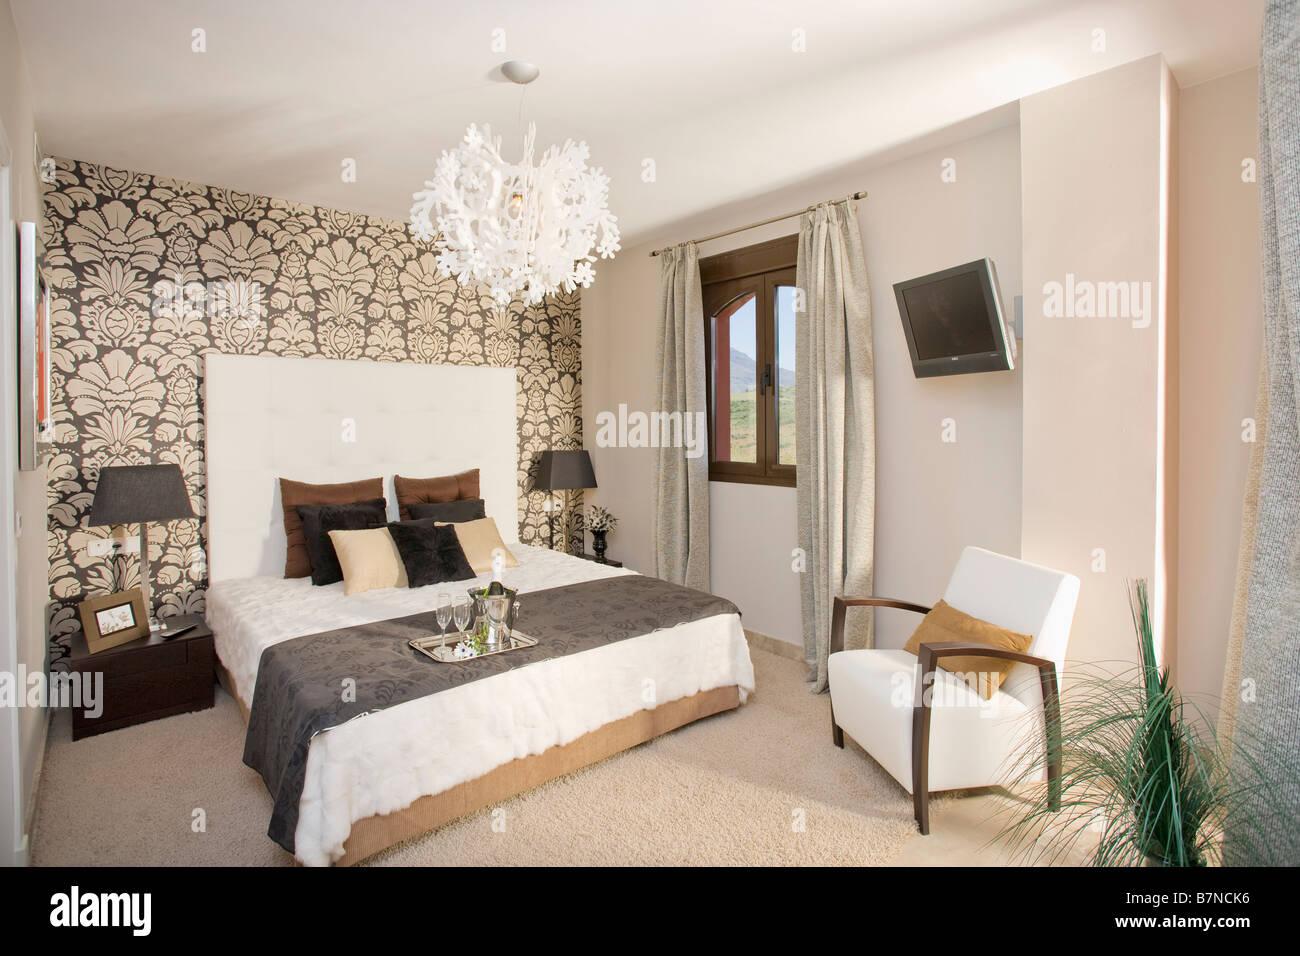 Camera Da Letto Bianca E Nera bianco e nero carta da parati sulla parete dietro il letto